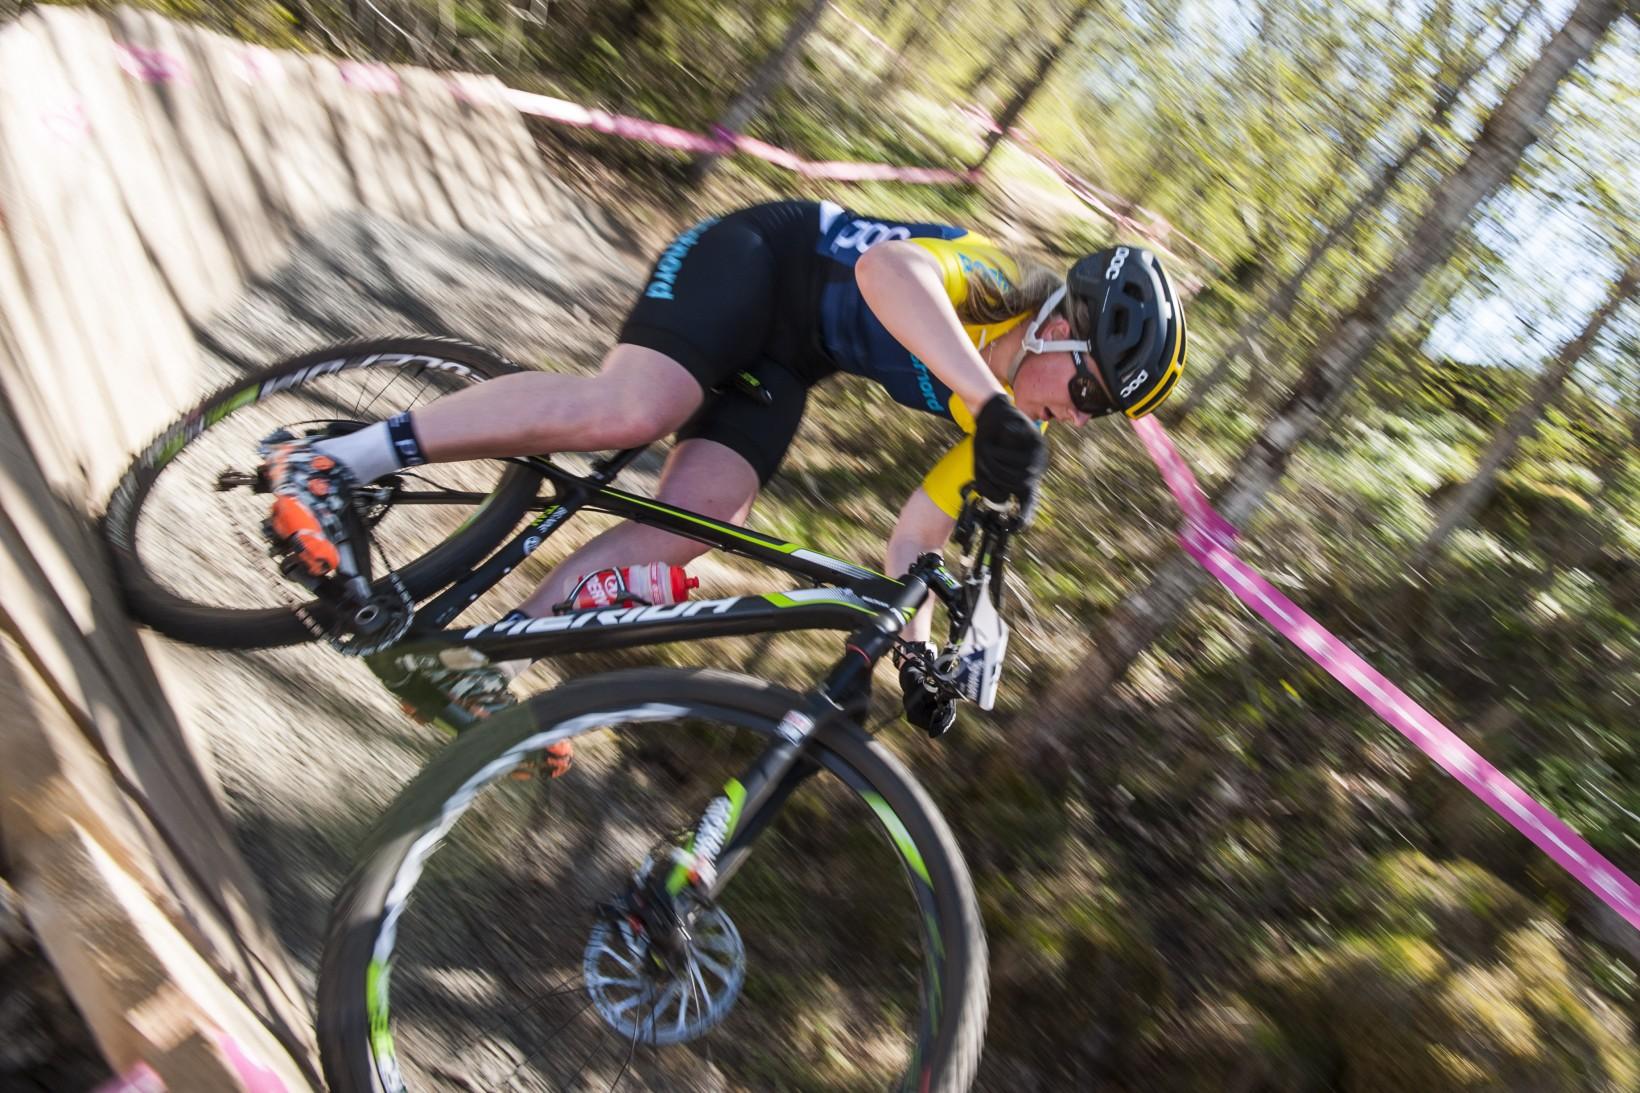 Jesper_Andersson__JAN8380_www.jeppman.com